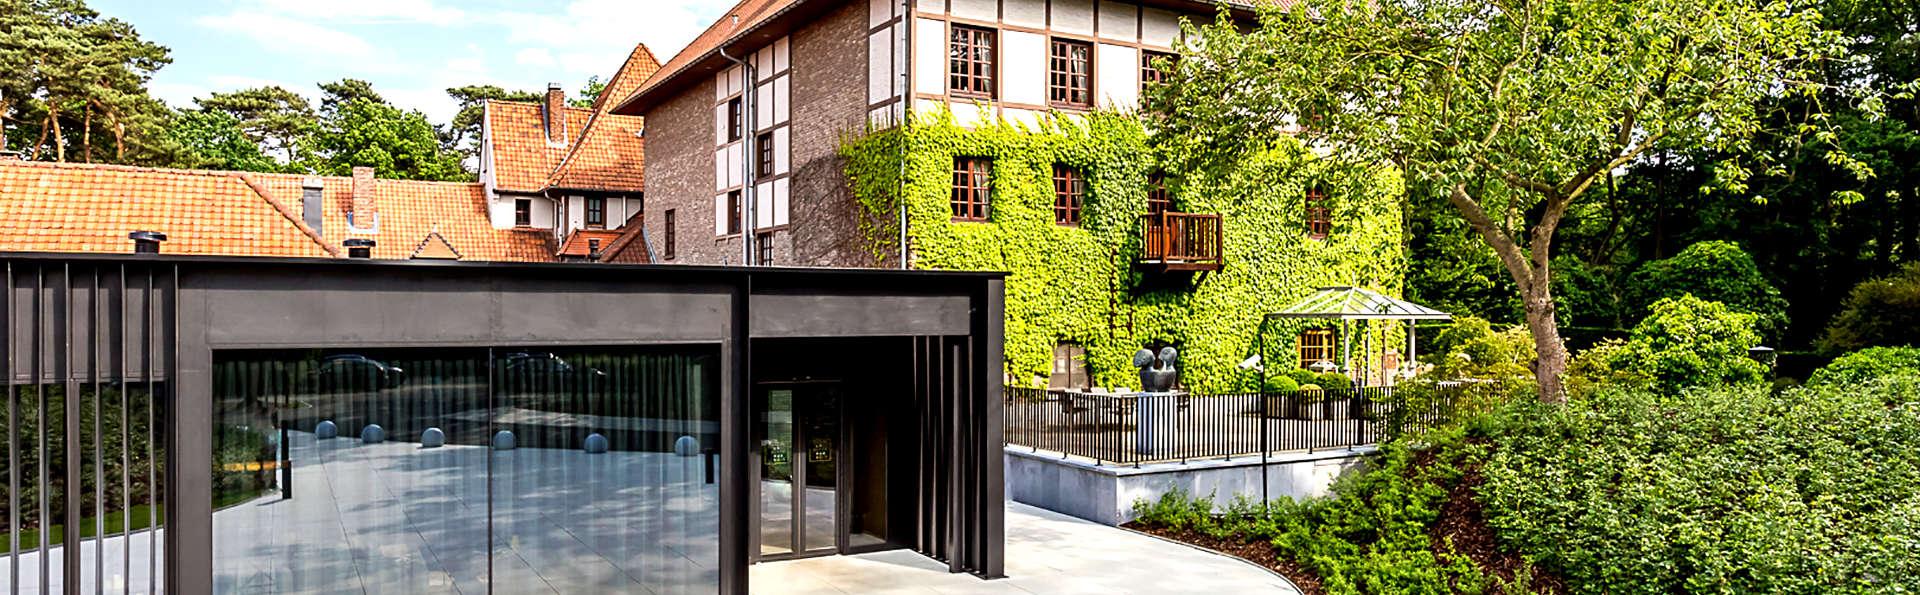 Hotel De La Butte relais & châteaux hôtel la butte aux bois 5* - lanaken, belgique